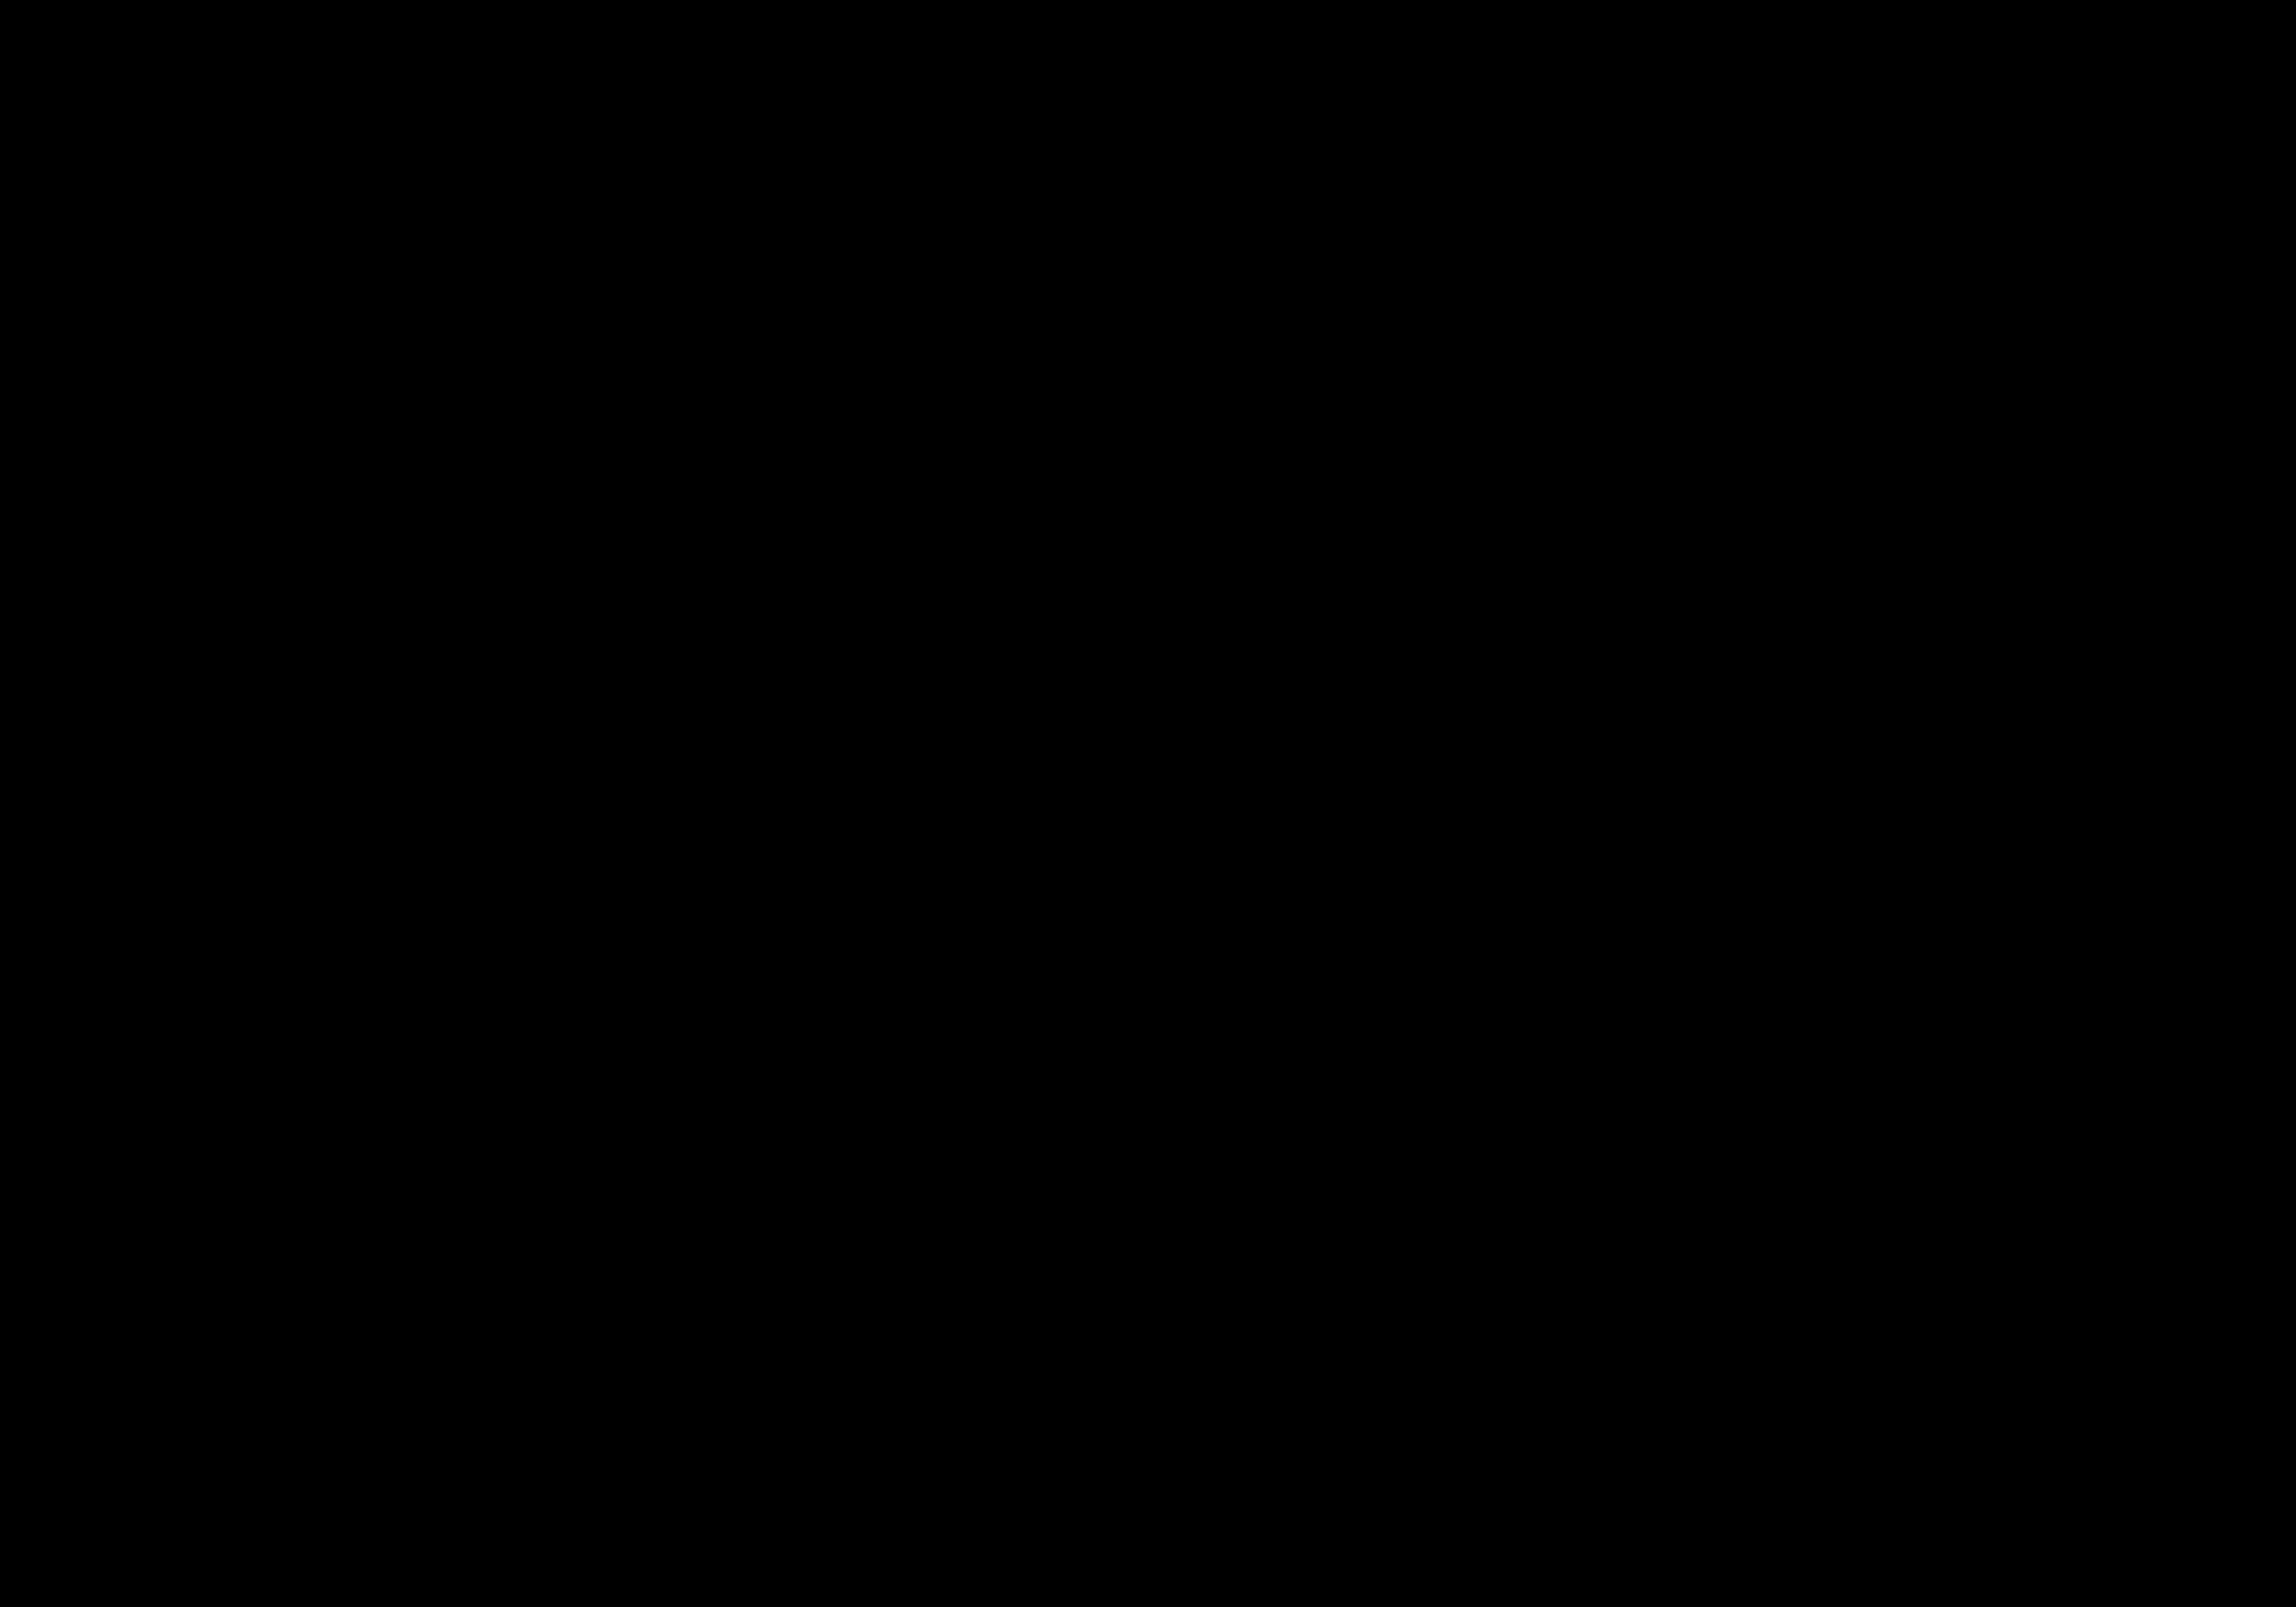 Karte Hamburg 1500 Dr Dagmar Hagemann Hamburg Historische